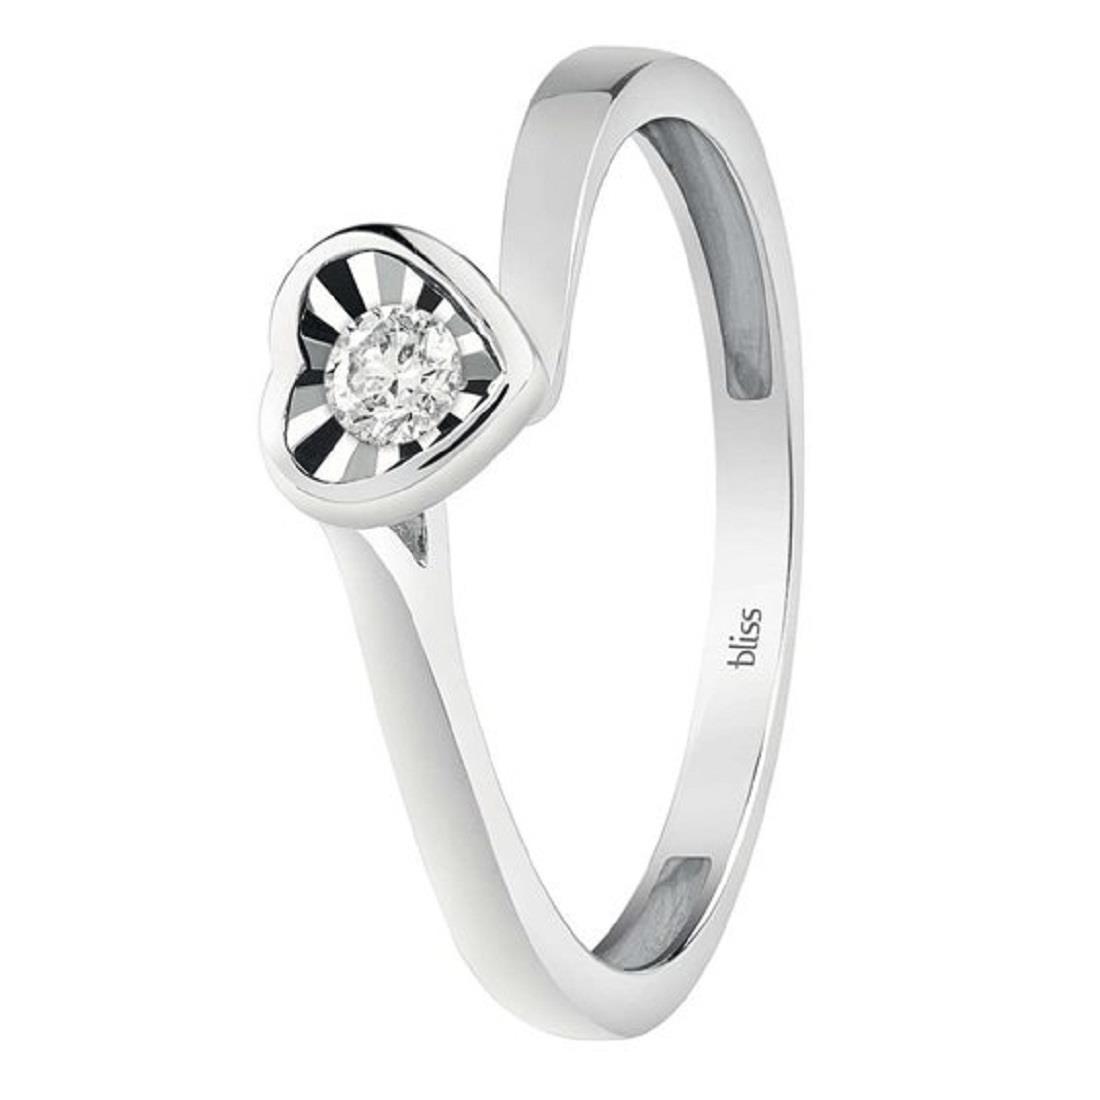 Anello cuore con diamante - BLISS